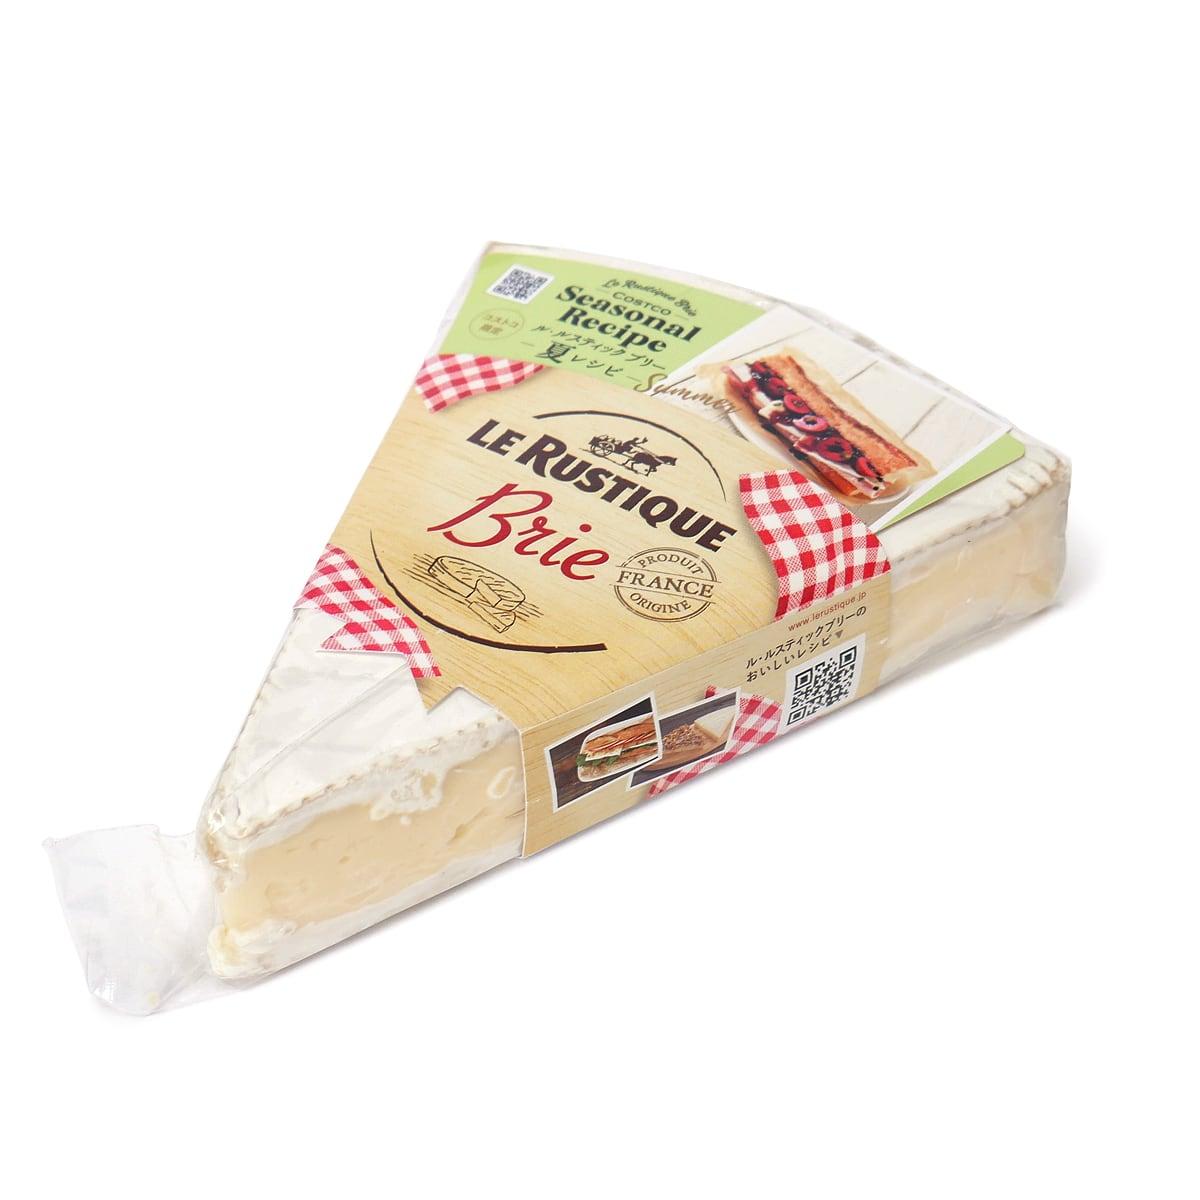 ル・ルスティックブリー(ブリーチーズ)350g